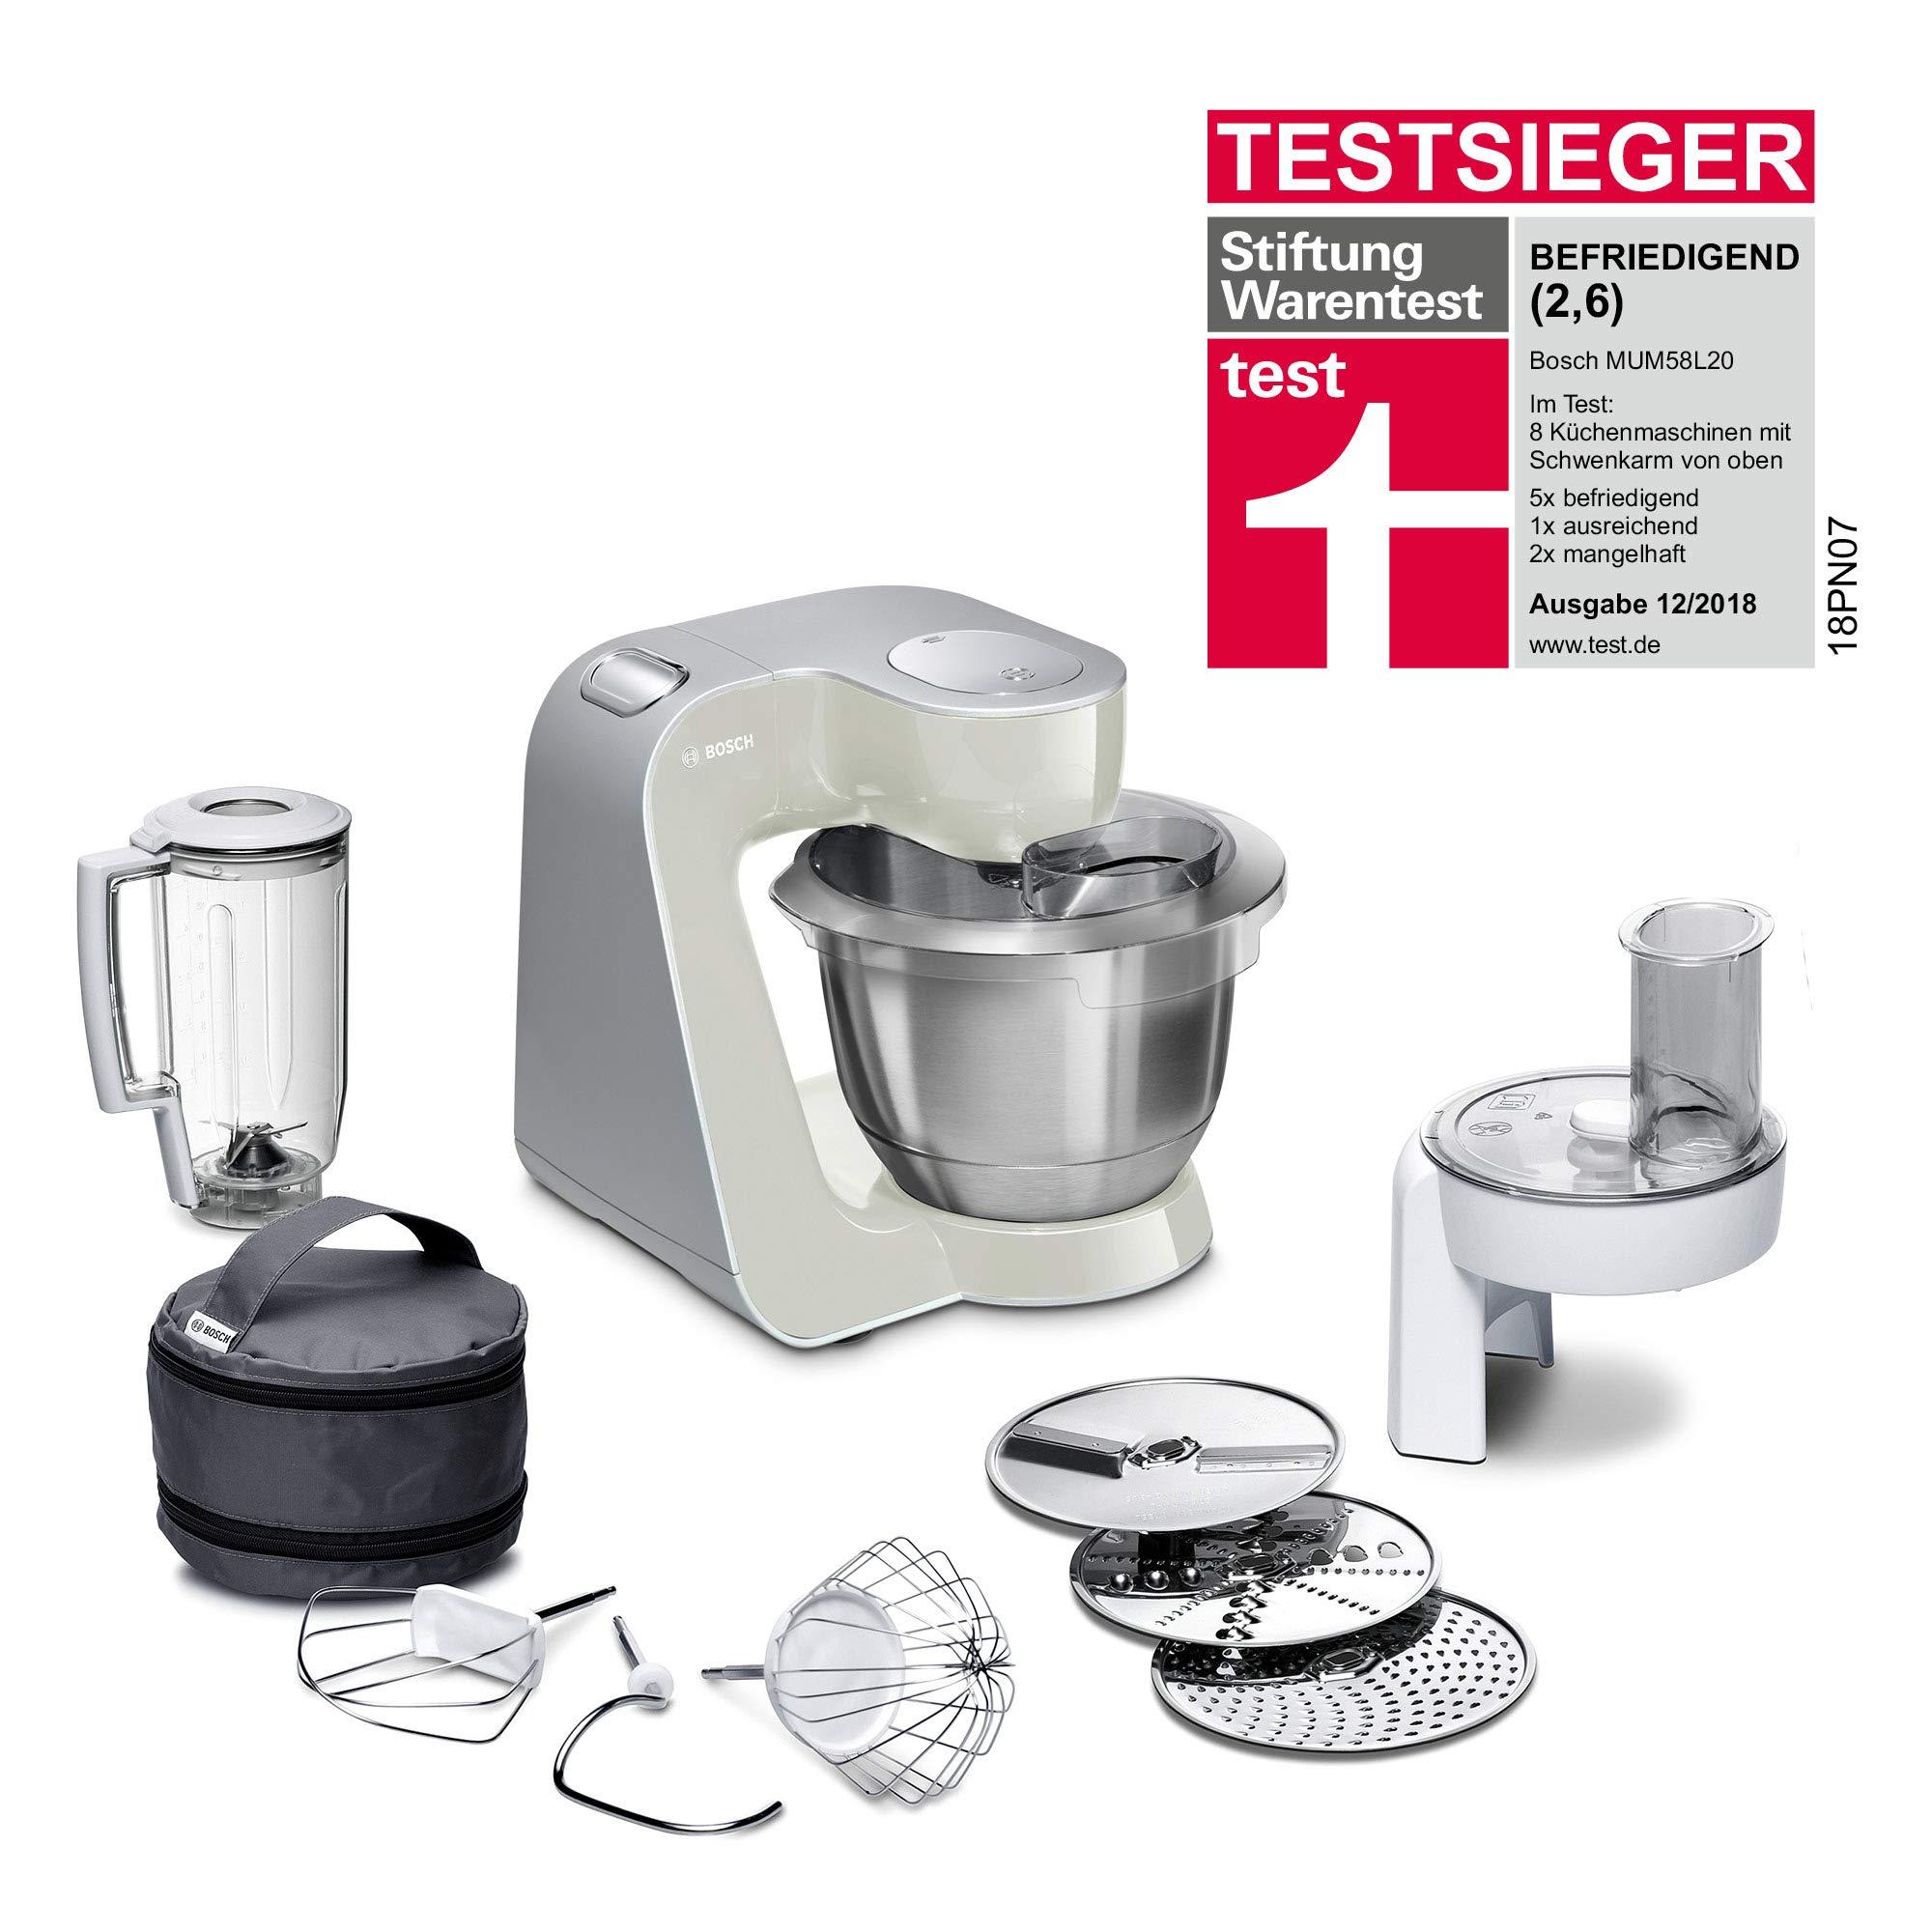 Bosch-MUM5-MUM58L20-CreationLine-Kchenmaschine-1000-W-3-Rhrwerkzeuge-Edelstahl-splmaschinenfest-Rhrschssel-39-Liter-max-Teigmenge-27kg-Durchlaufschnitzler-3-Scheiben-Mixaufsatz-grau